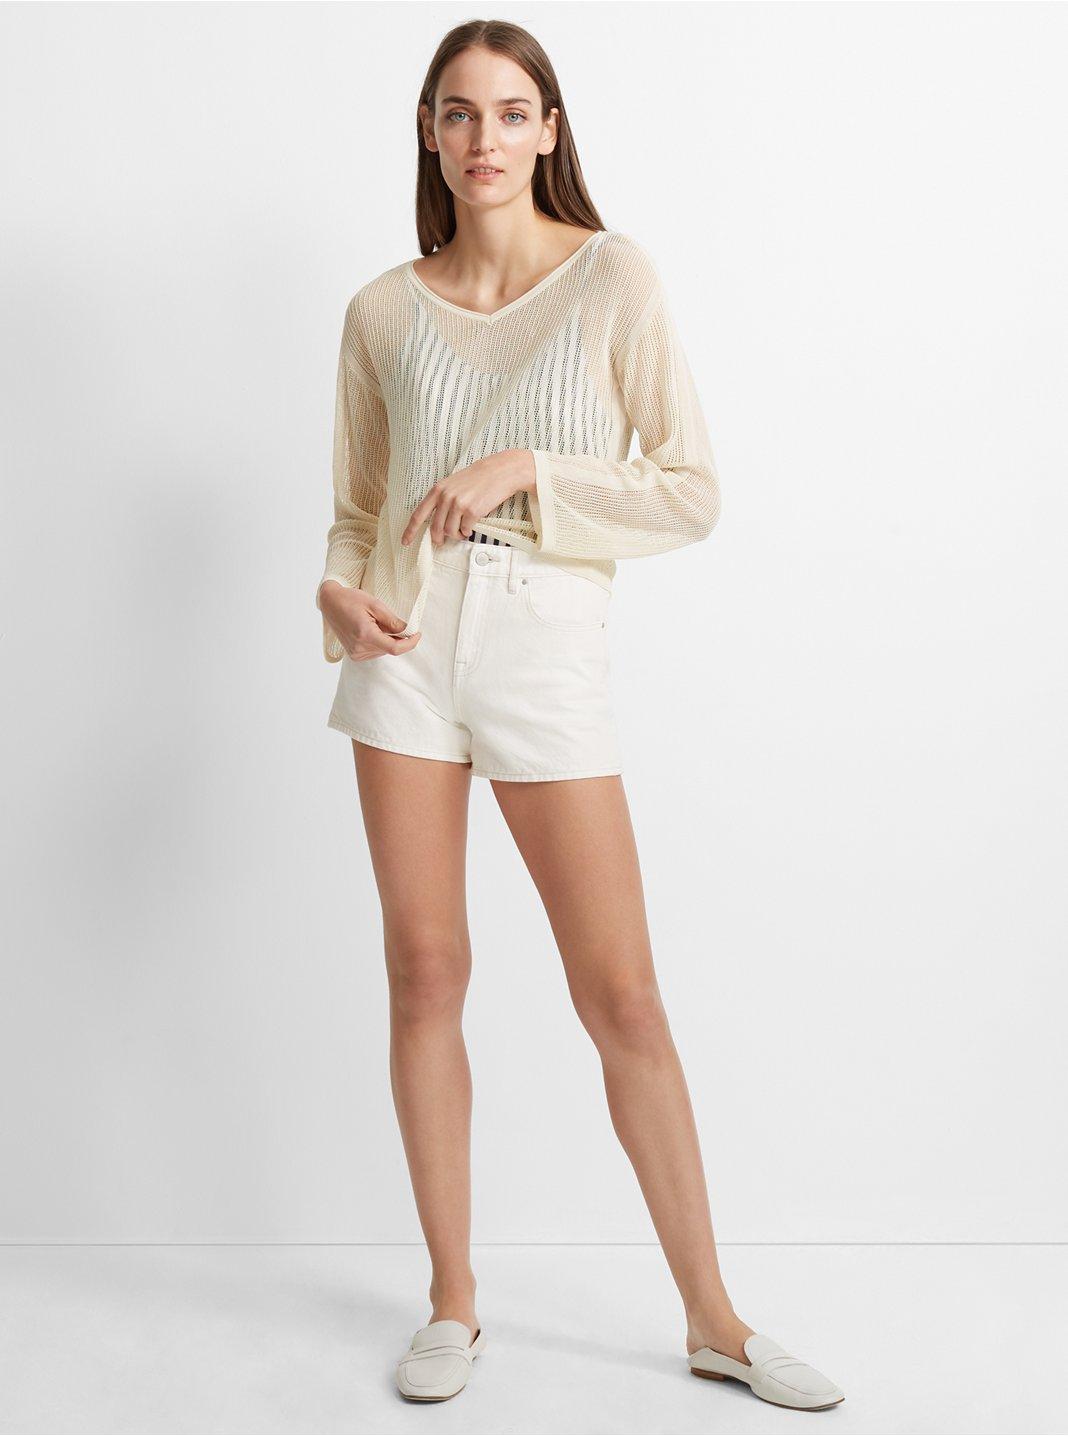 Piqua Sweater